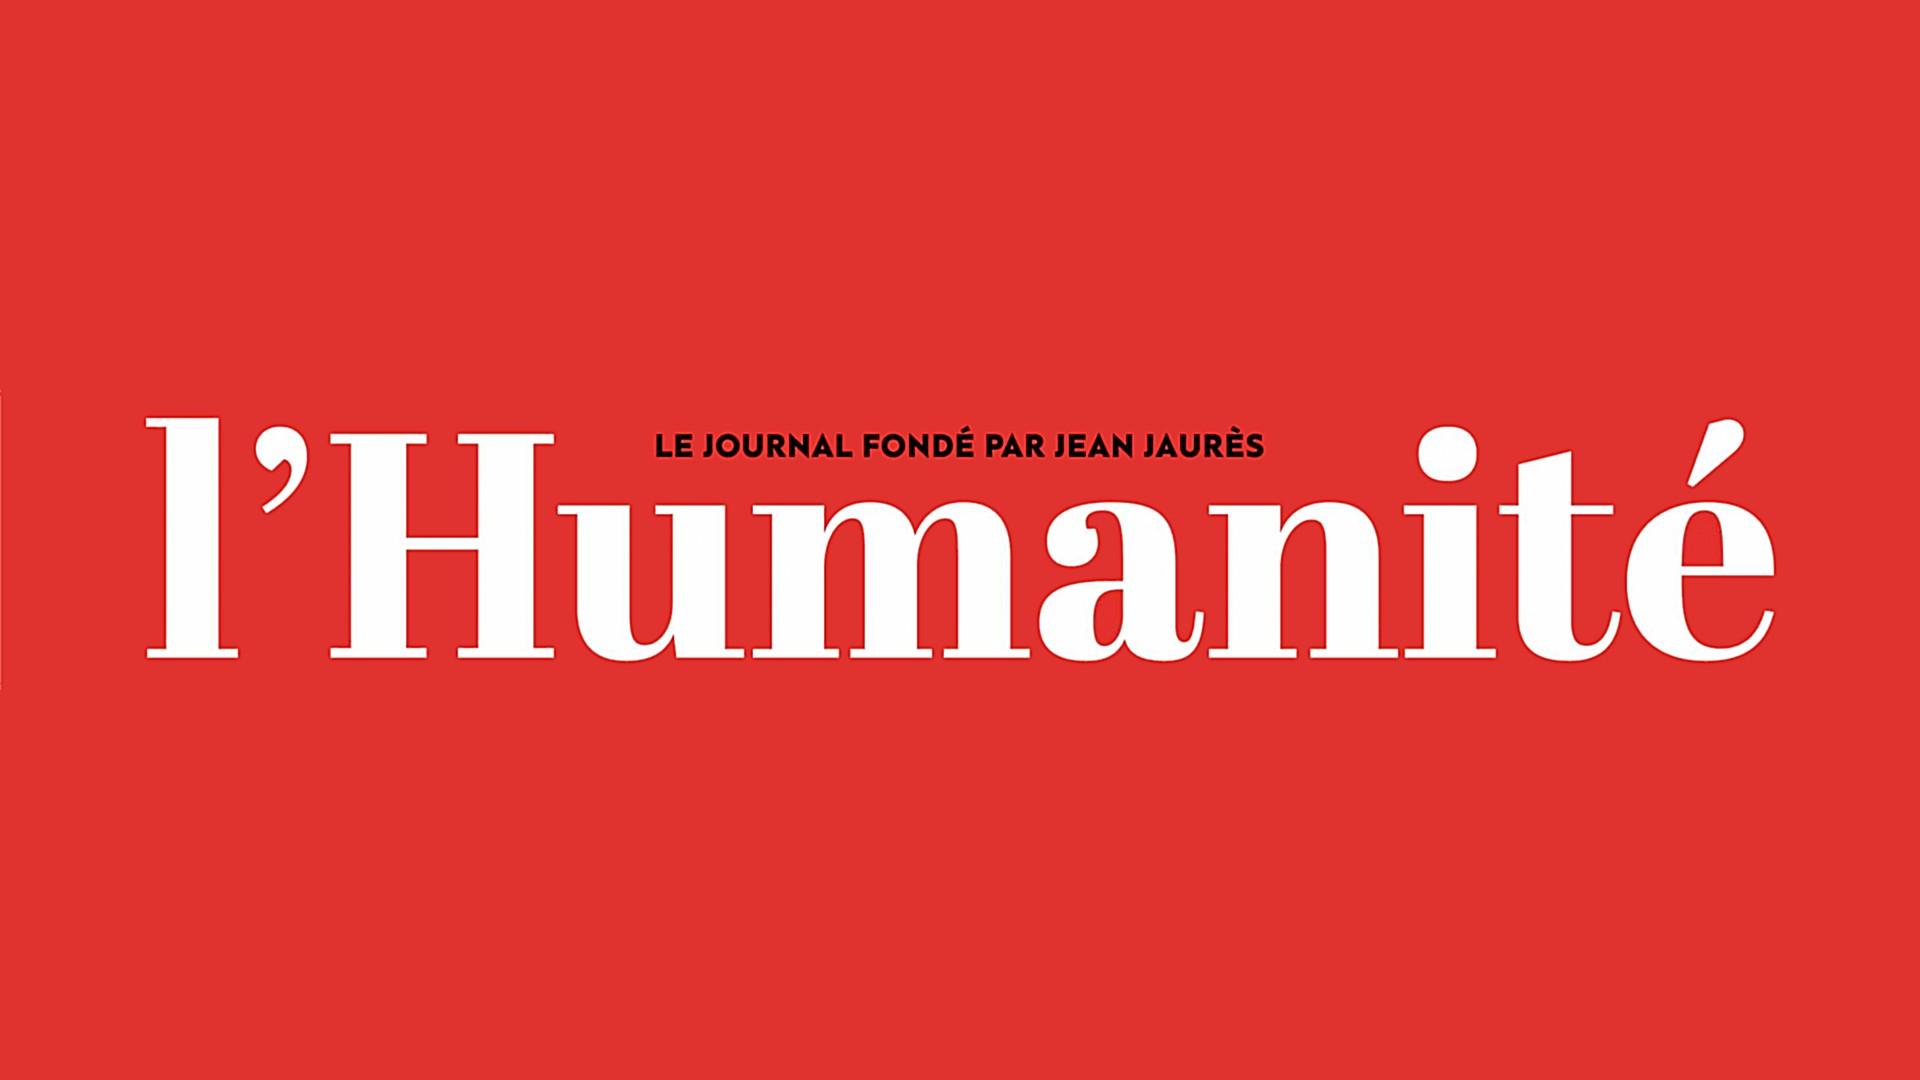 L'Humanité (1)